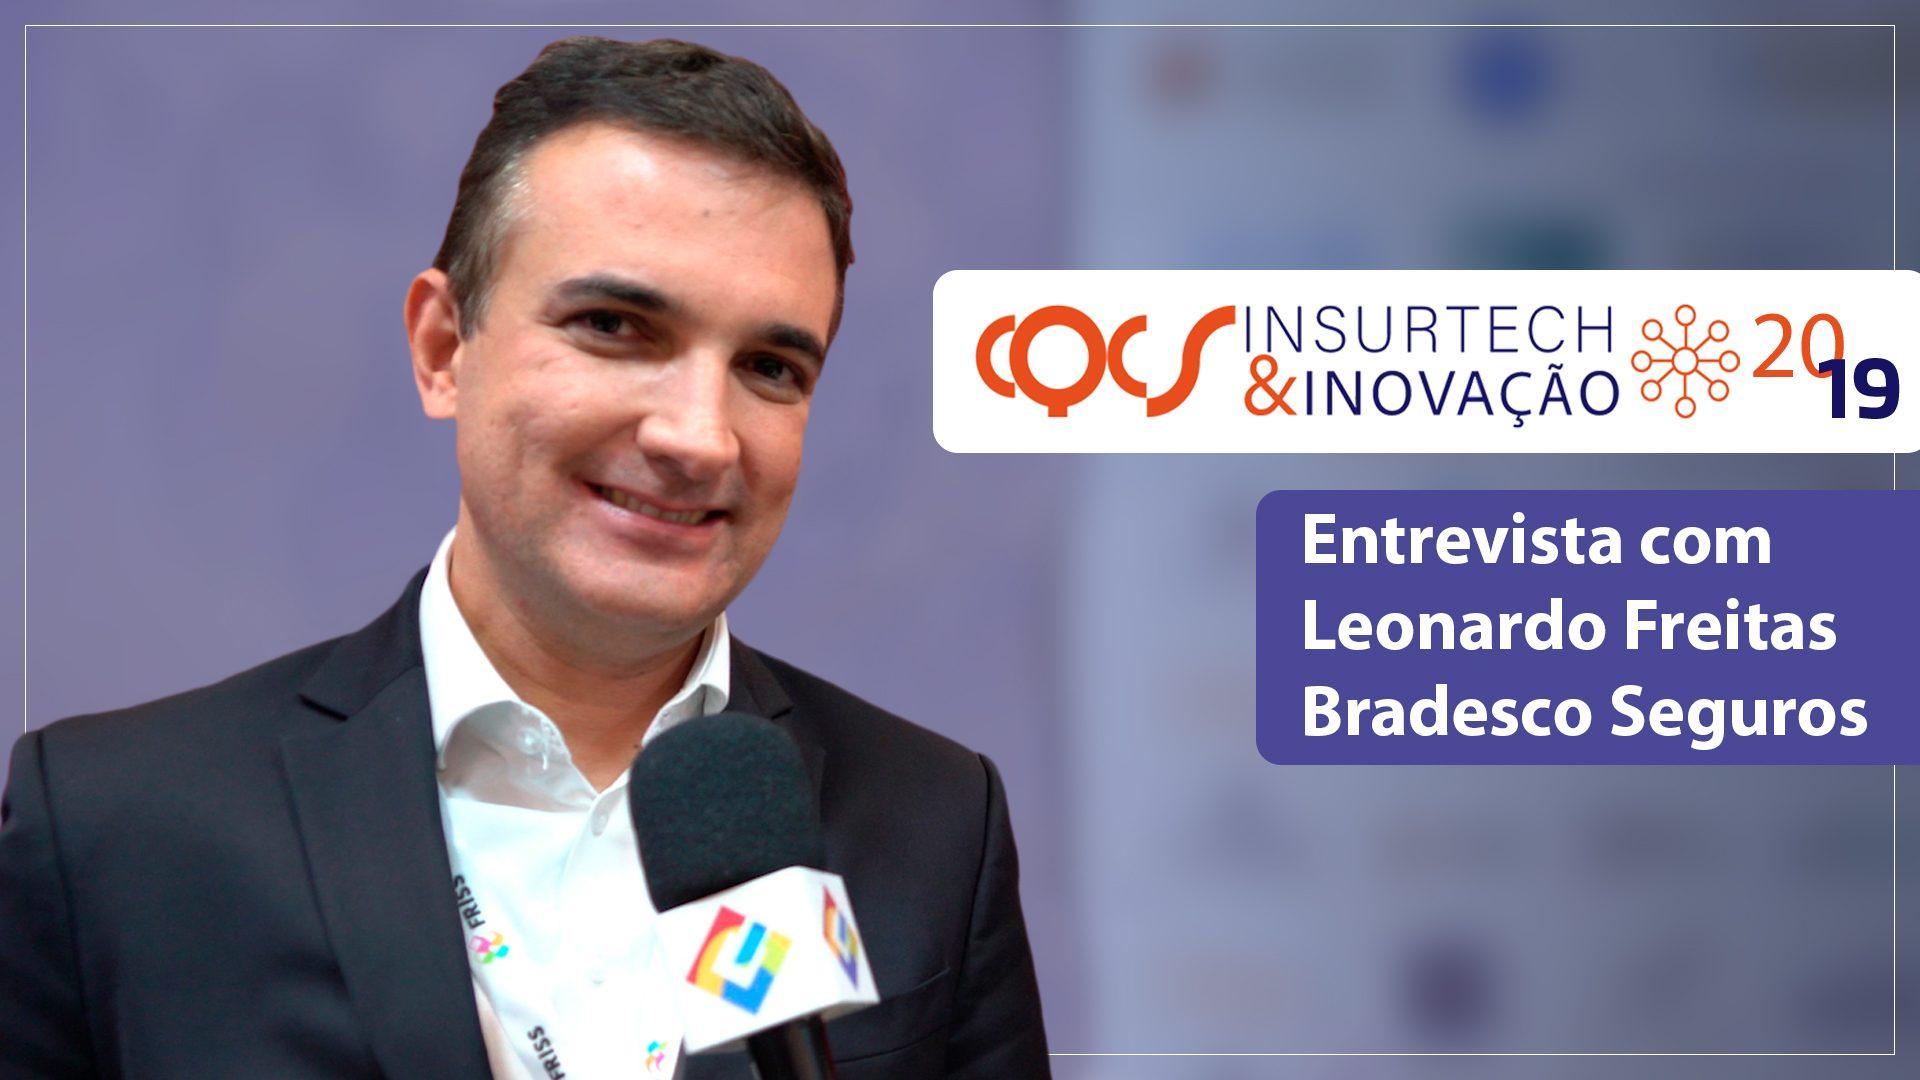 CQCS Insurtech & Inovação 2019 Bradesco Seguros